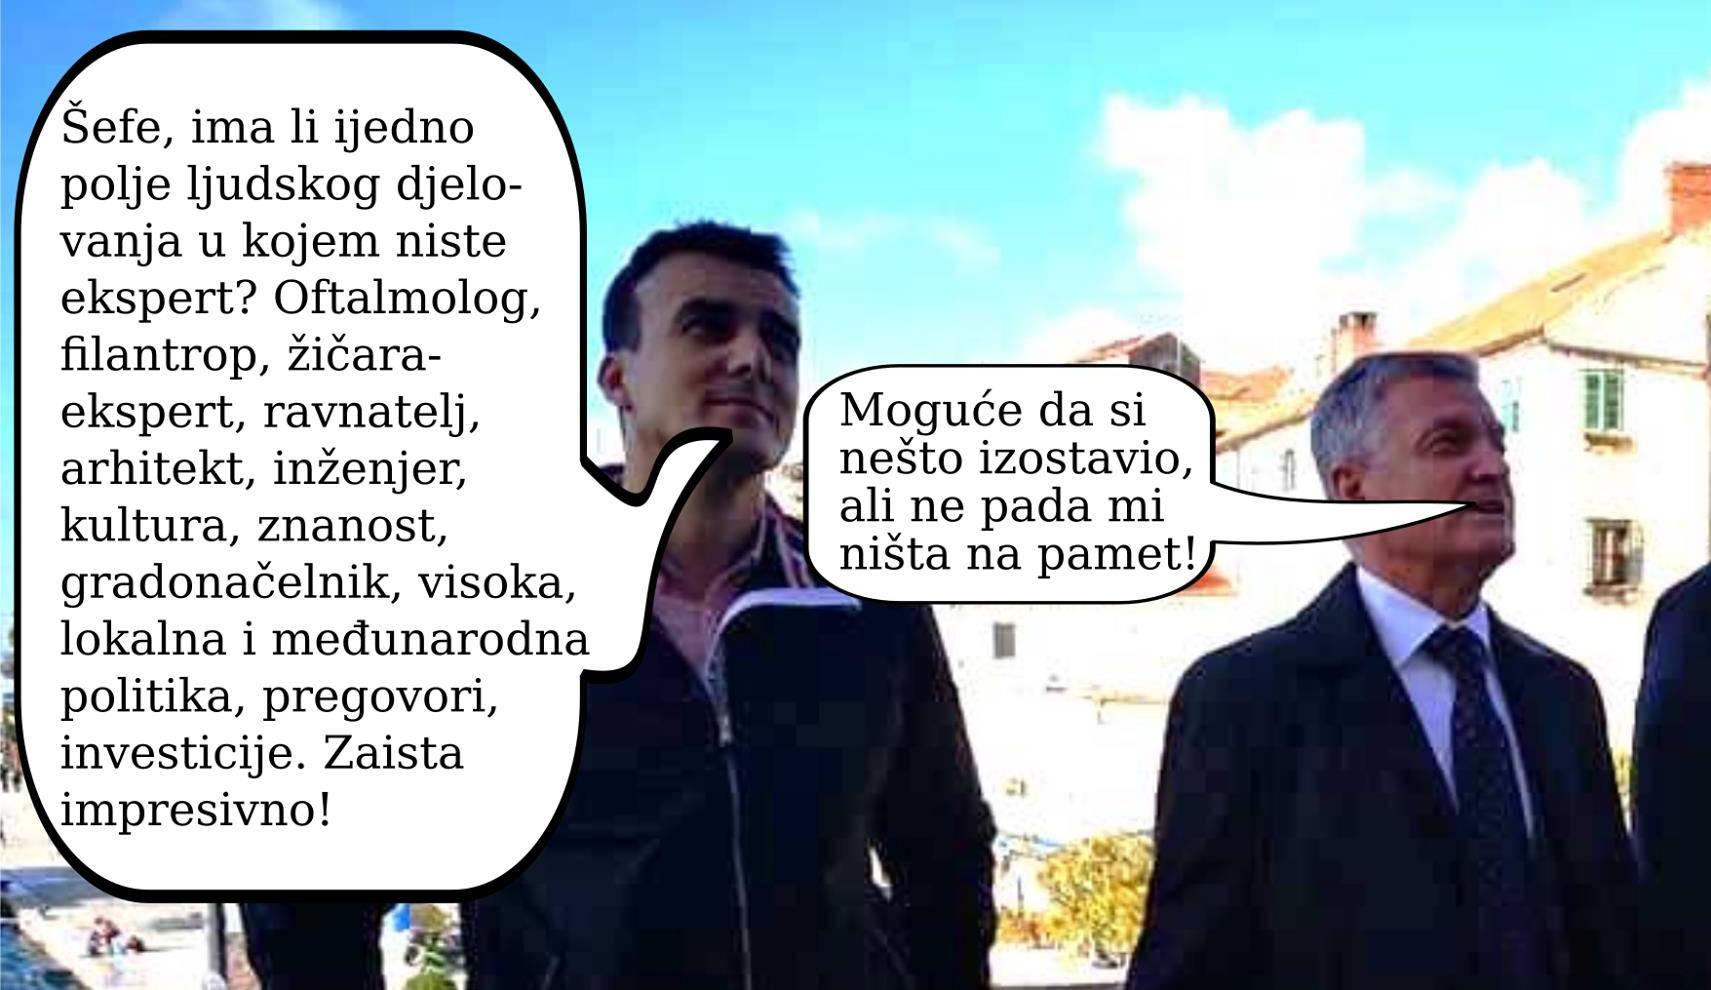 Gradonačelnik Burić zna sve?